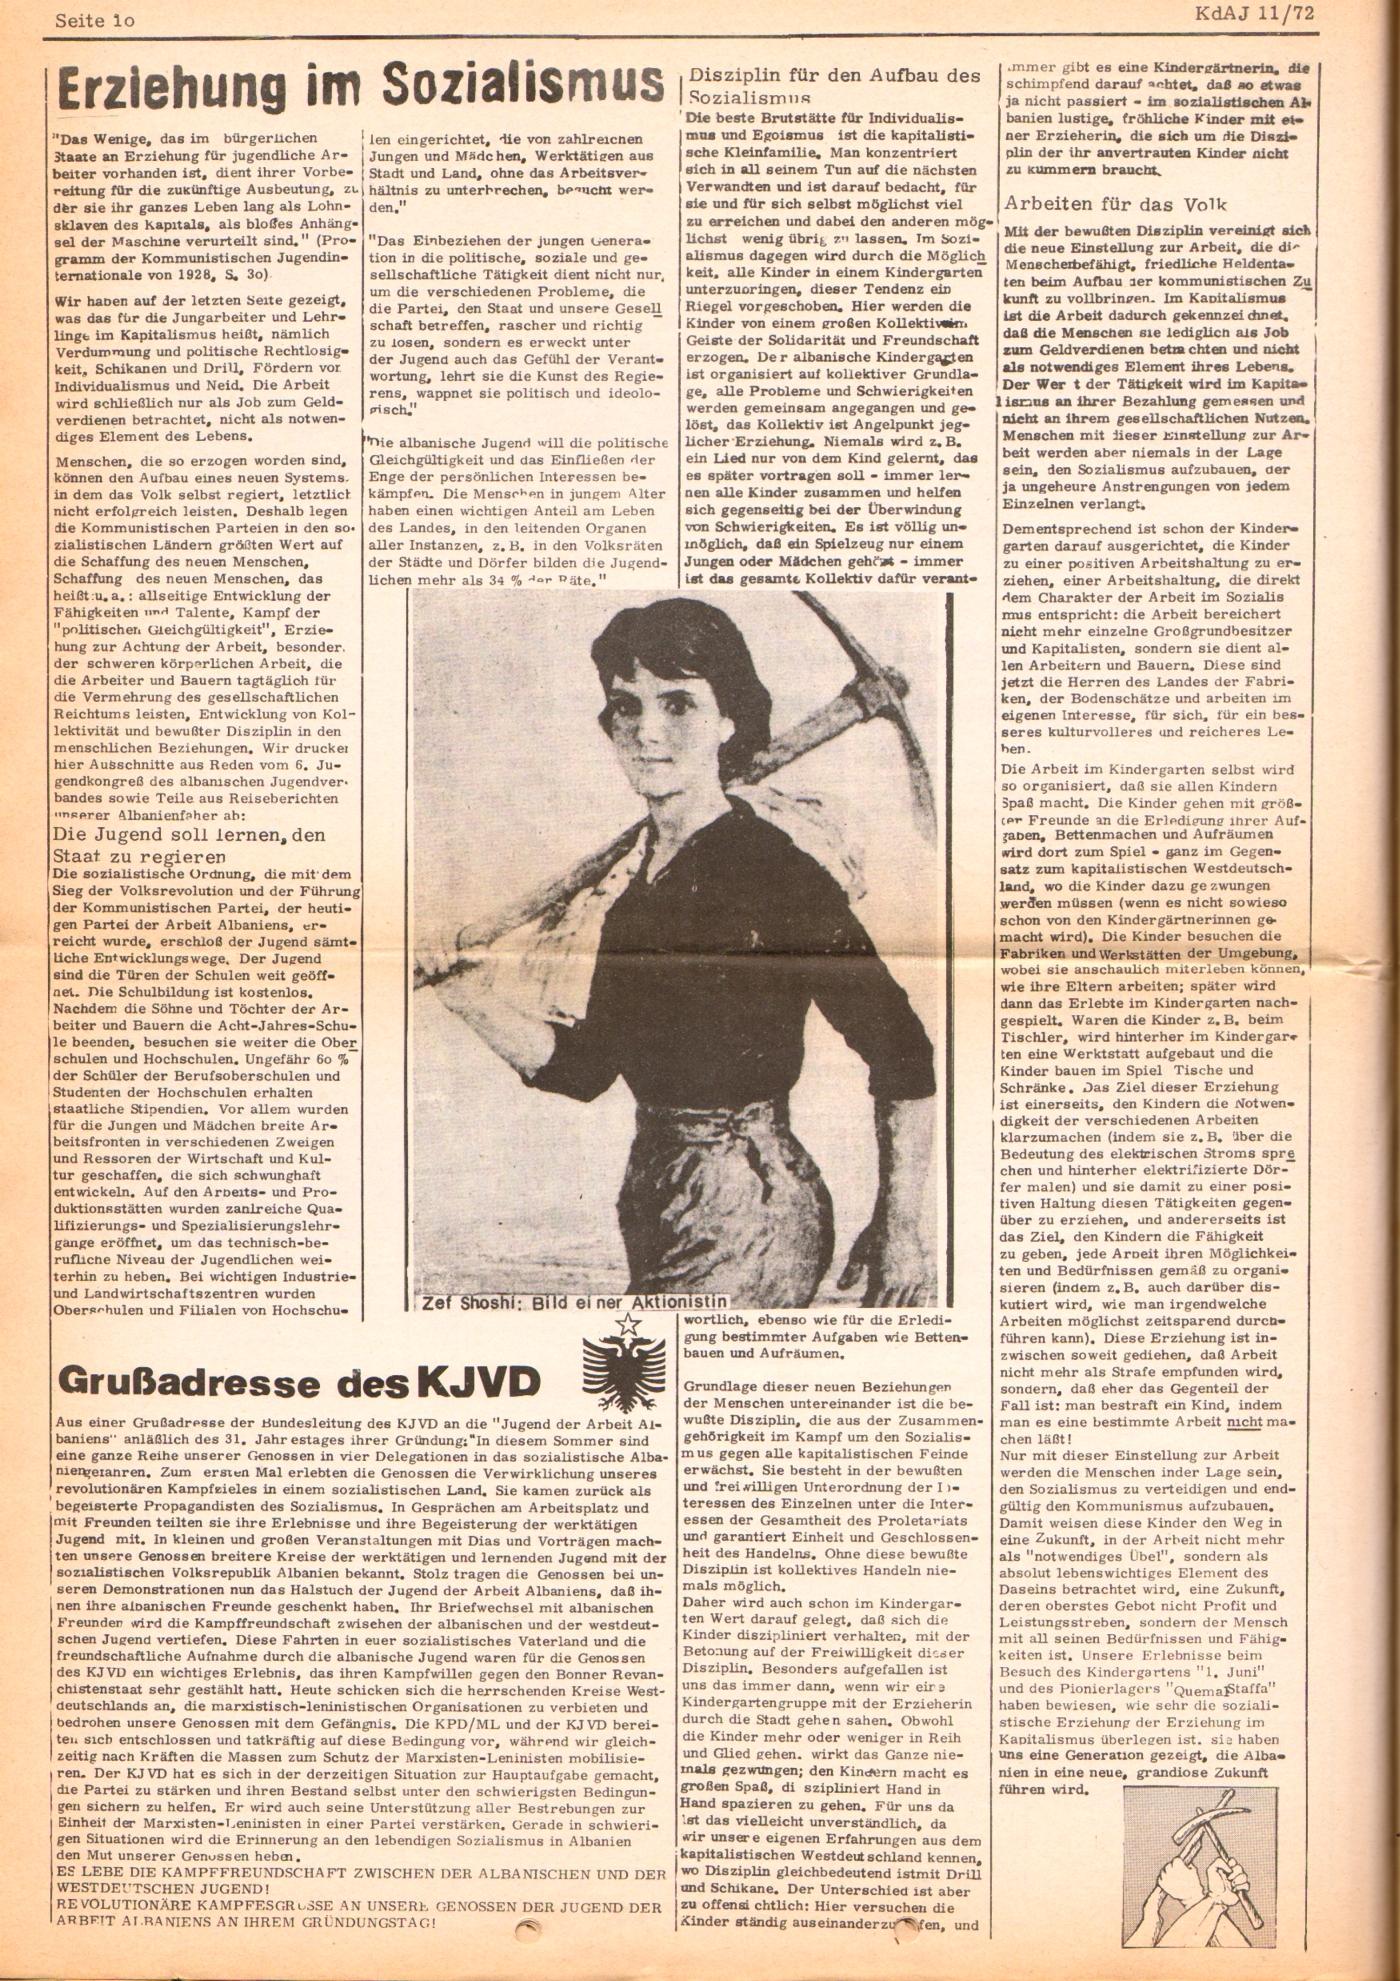 KDAJ, 3. Jg., Dezember 1972, Nr. 11, Seite 10